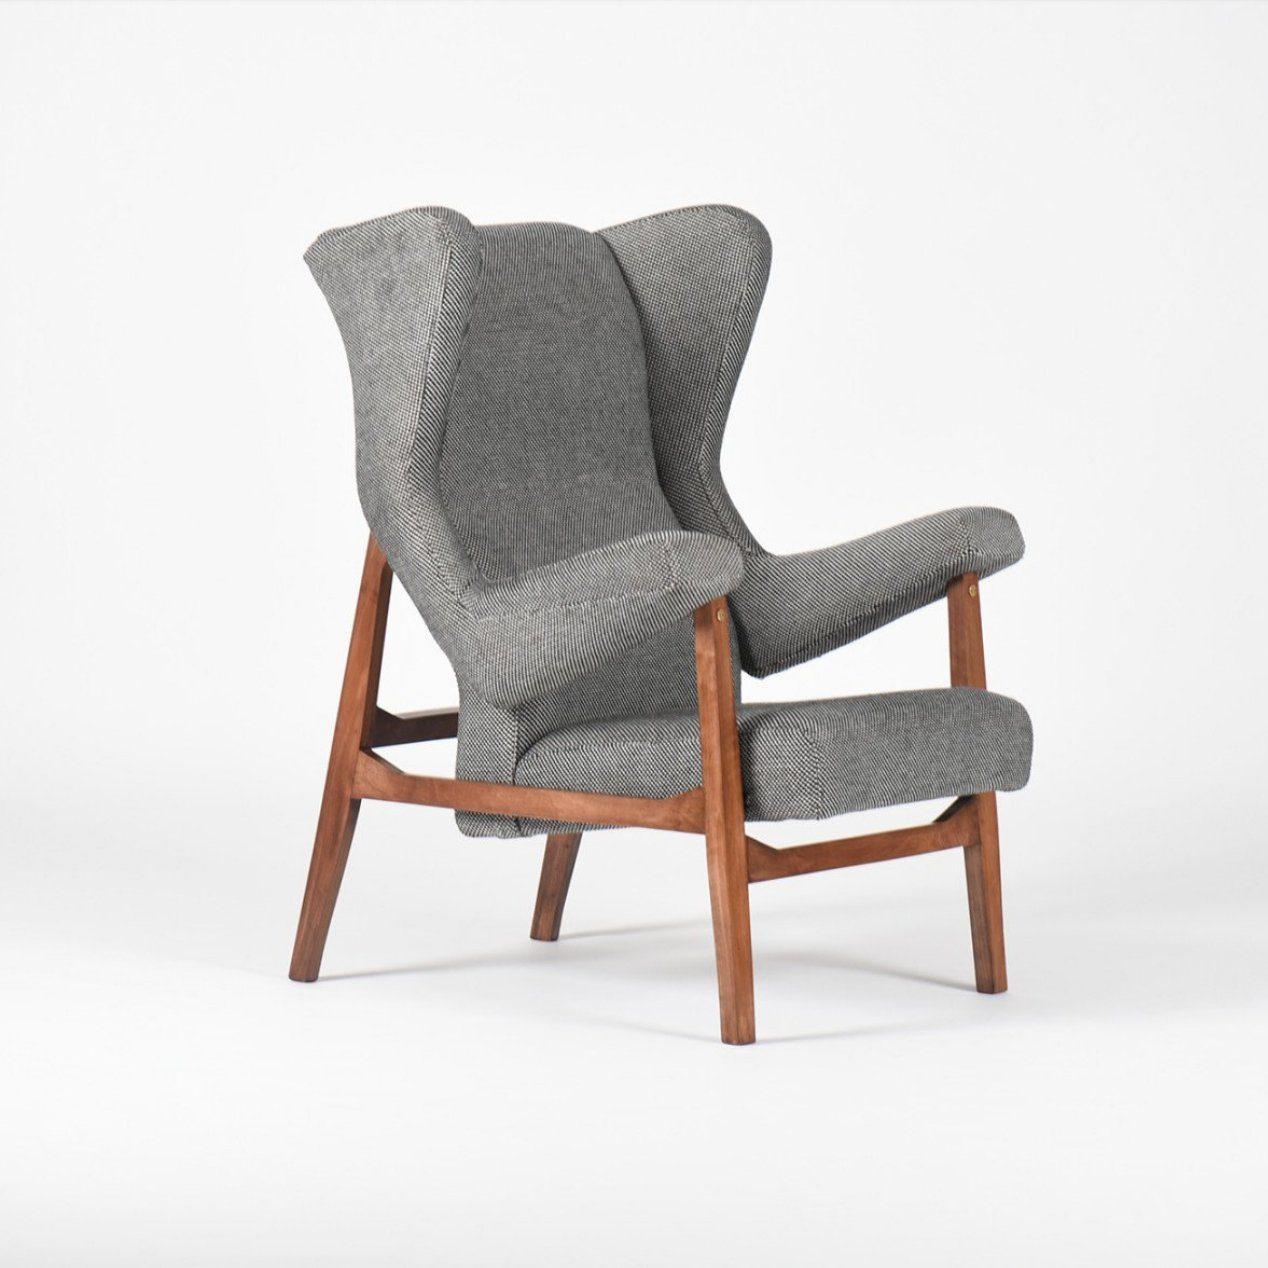 Arflex Fiorenza armchair designed by Italian architect Franco Albini